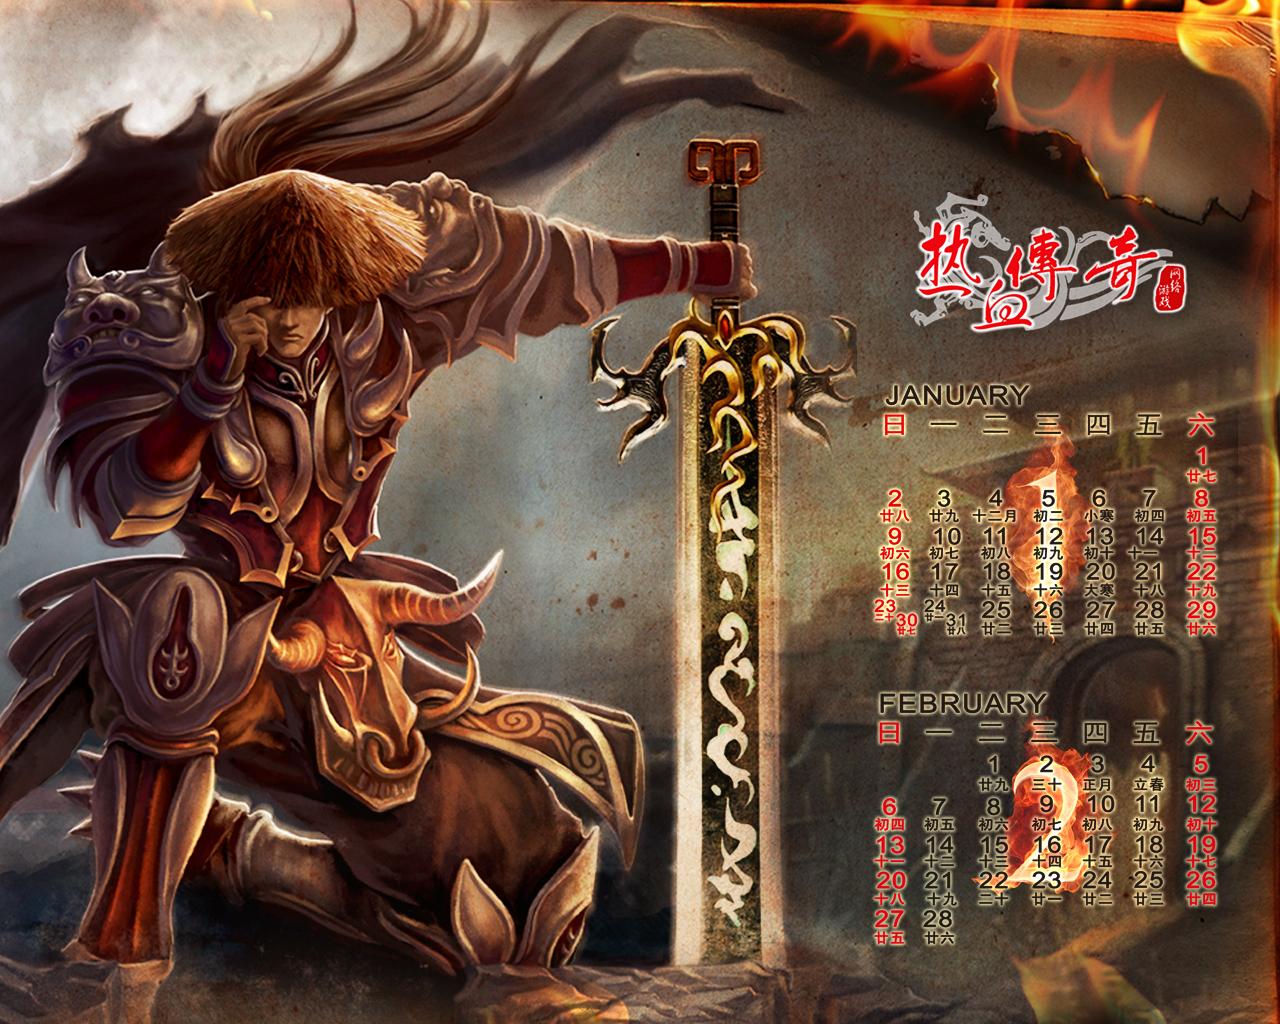 最新热血传奇网_热血传奇 游戏壁纸1 | 中华网游戏大全